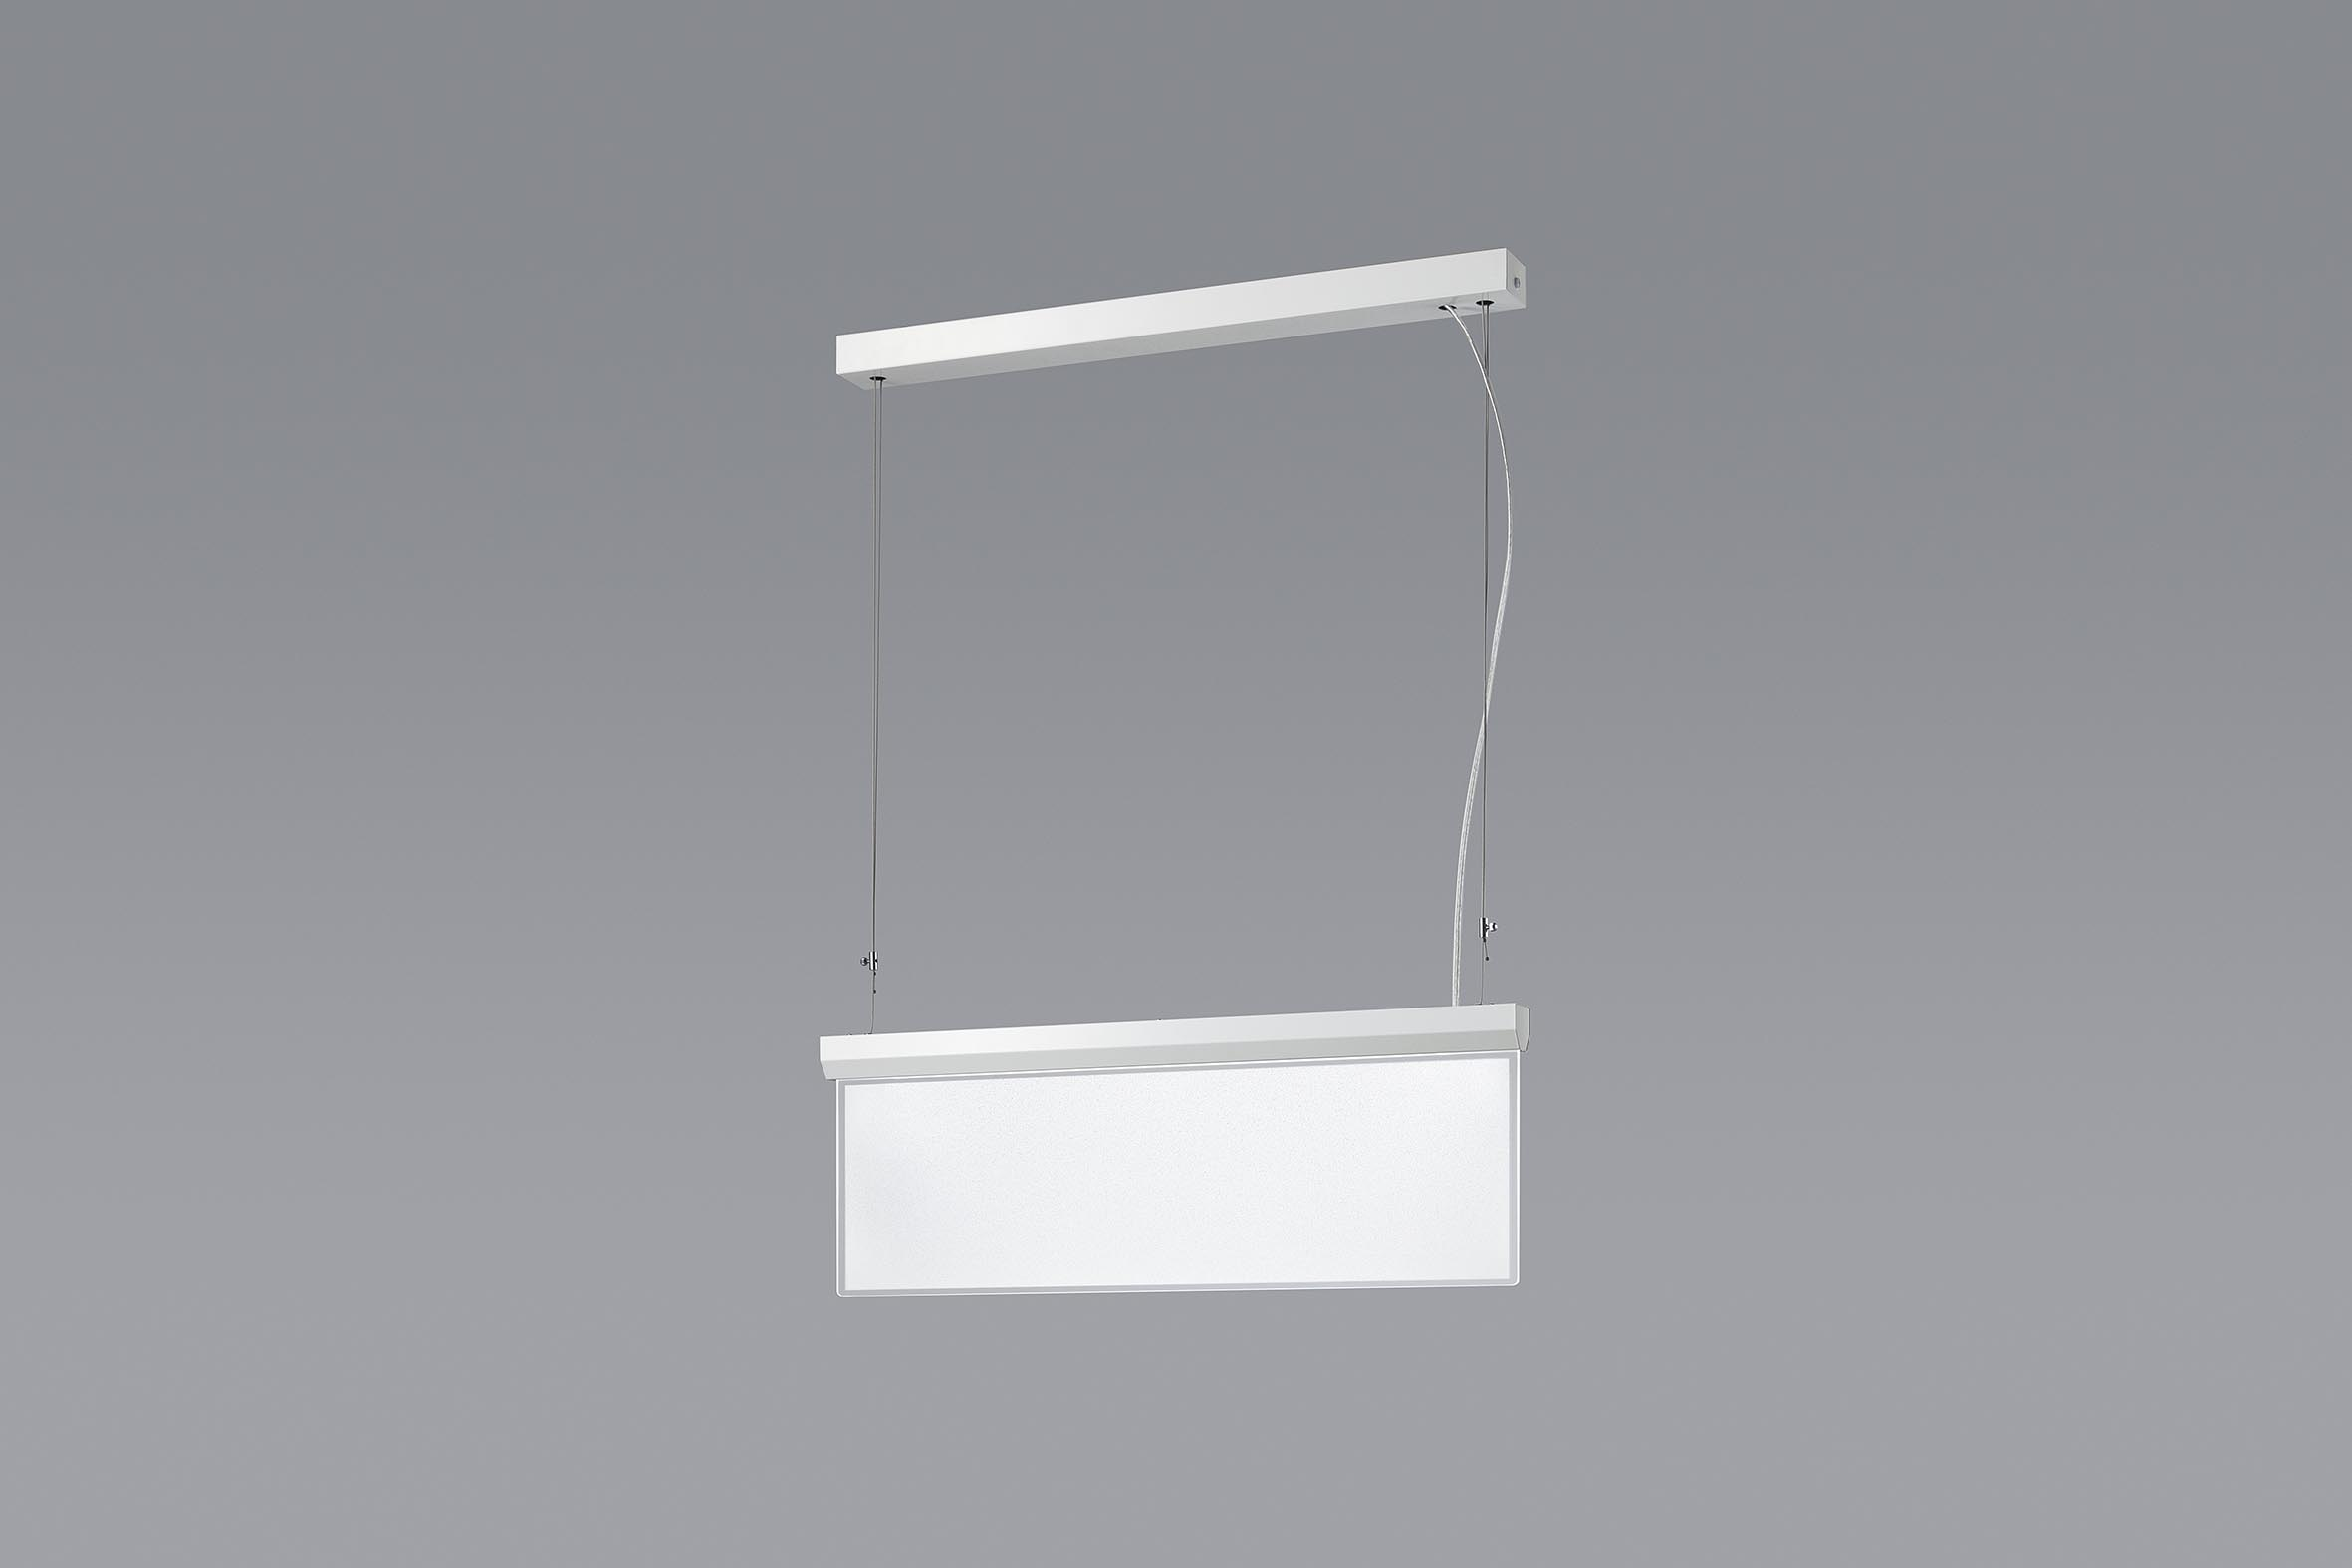 次世代サイン照明「LEDサイン」天井吊下型